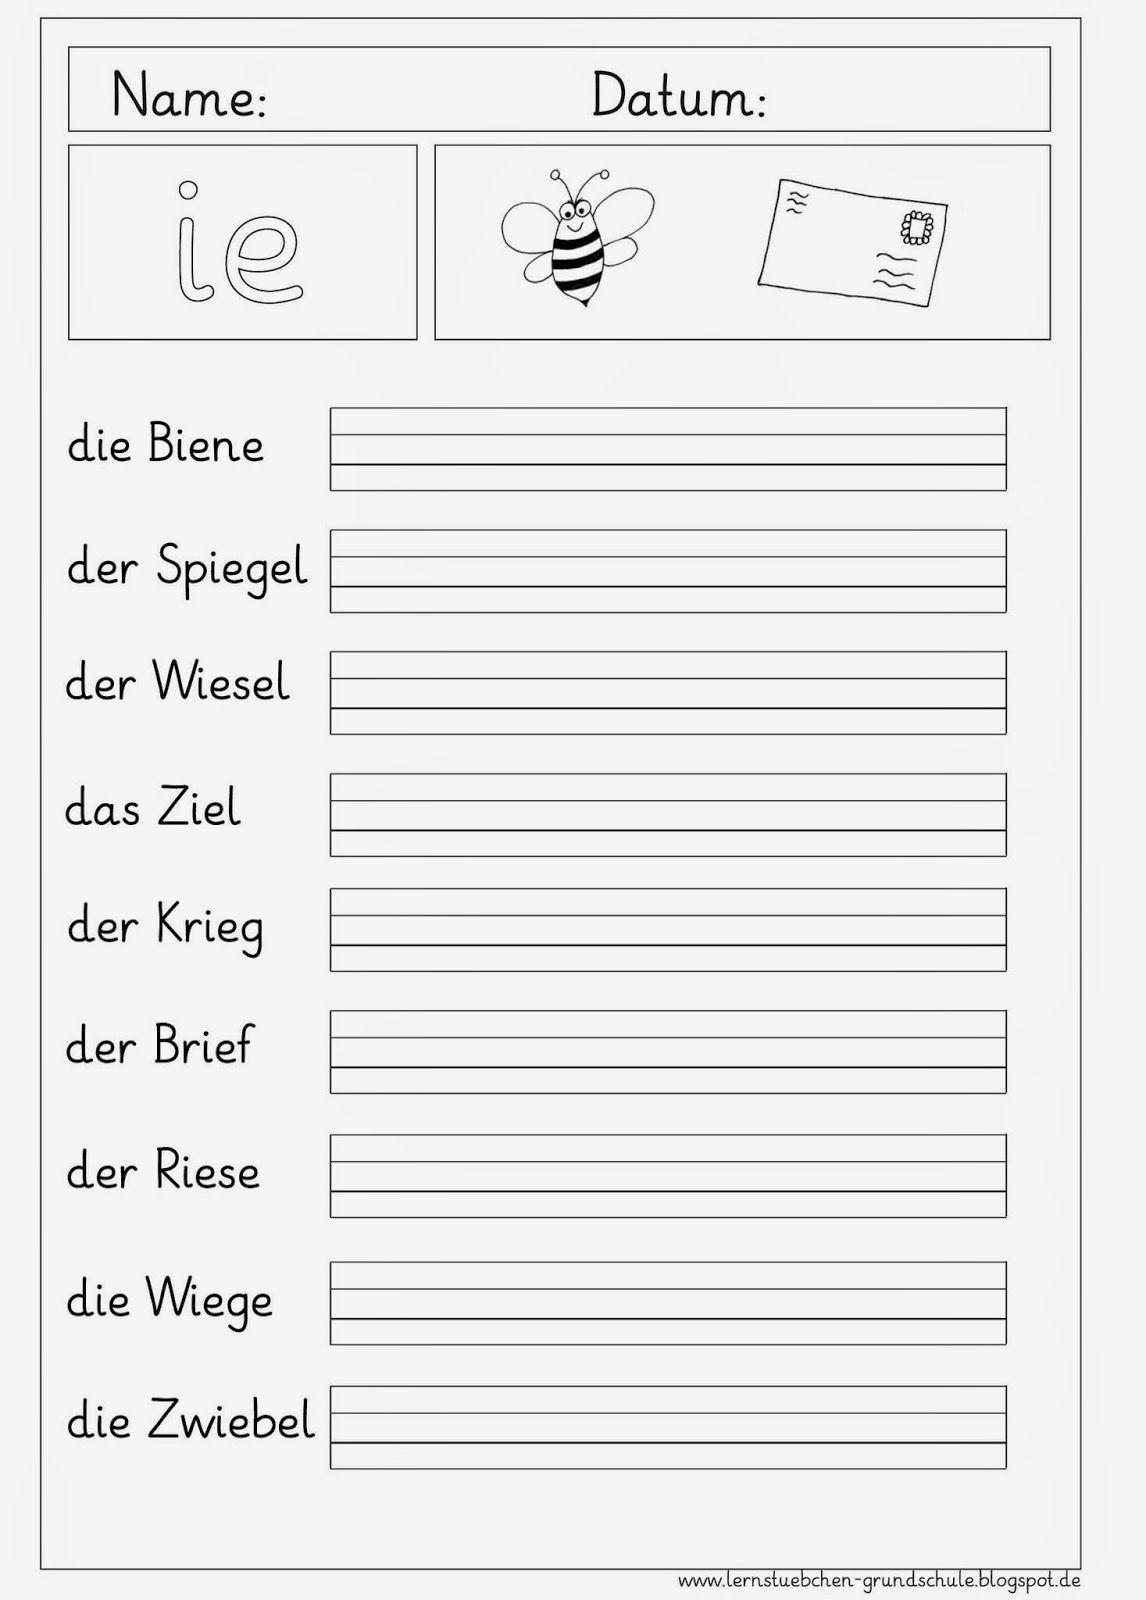 Arbeitsblätter Grundschule 1 Klasse Ausdrucken Lernstübchen für Deutsch Übungen Klasse 2 Zum Ausdrucken